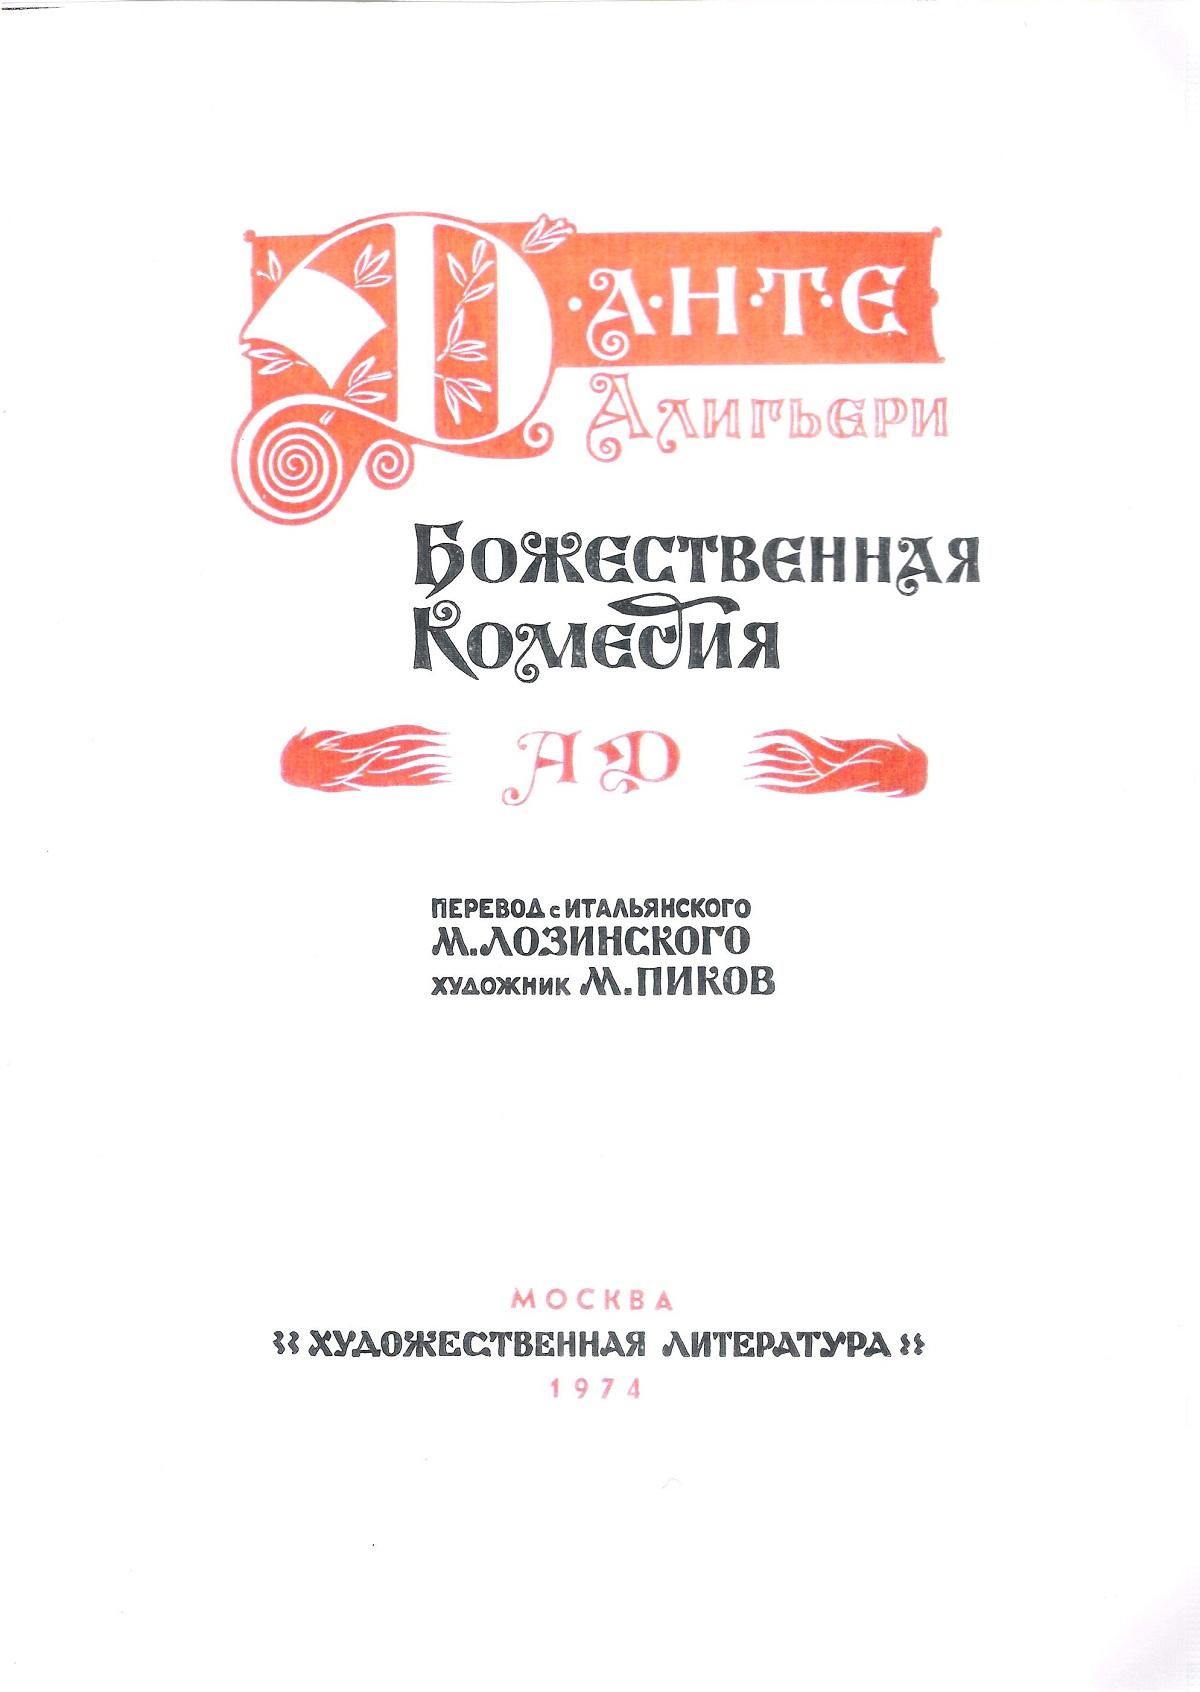 Lozinskij – 1974